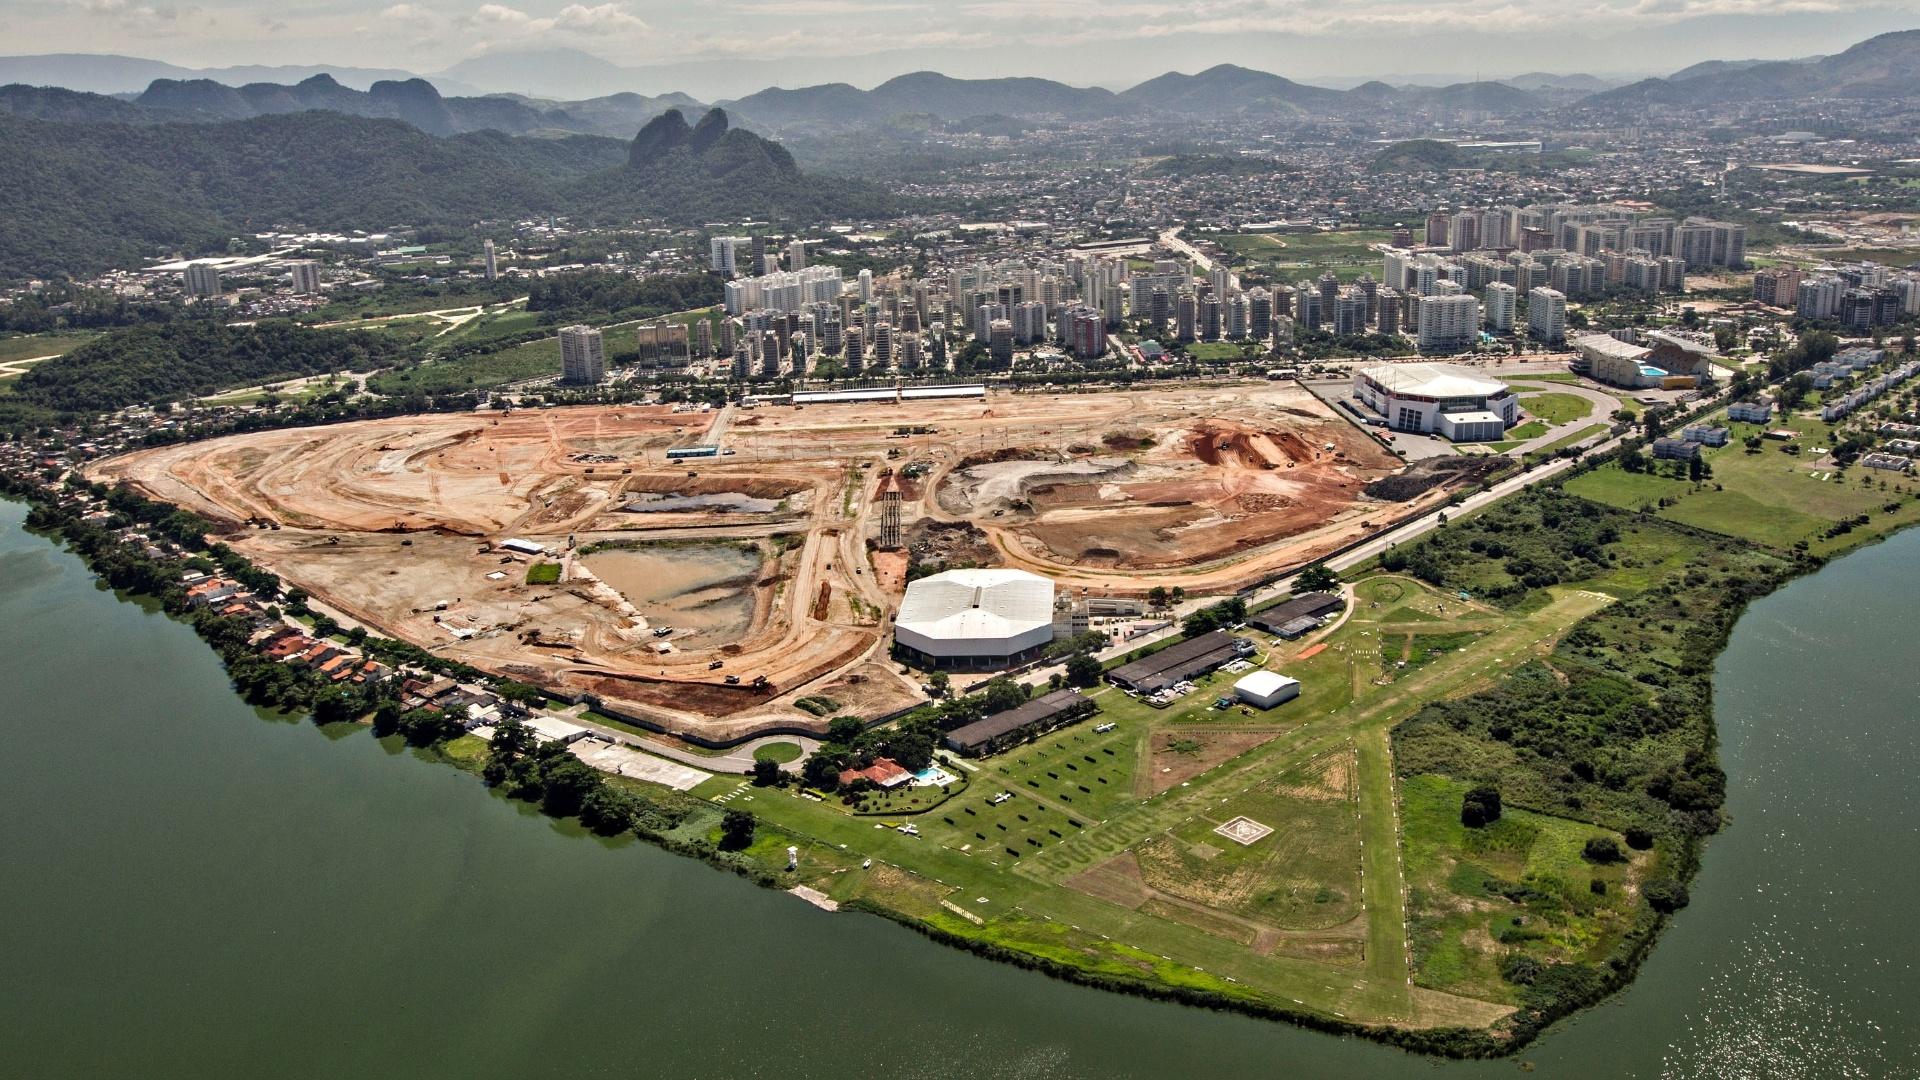 12abr2013---antigo-autodromo-de-jacarepagua-da-espaco-a-obras-do-parque-olimpico-da-rio-2016-1369180898372_1920x1080